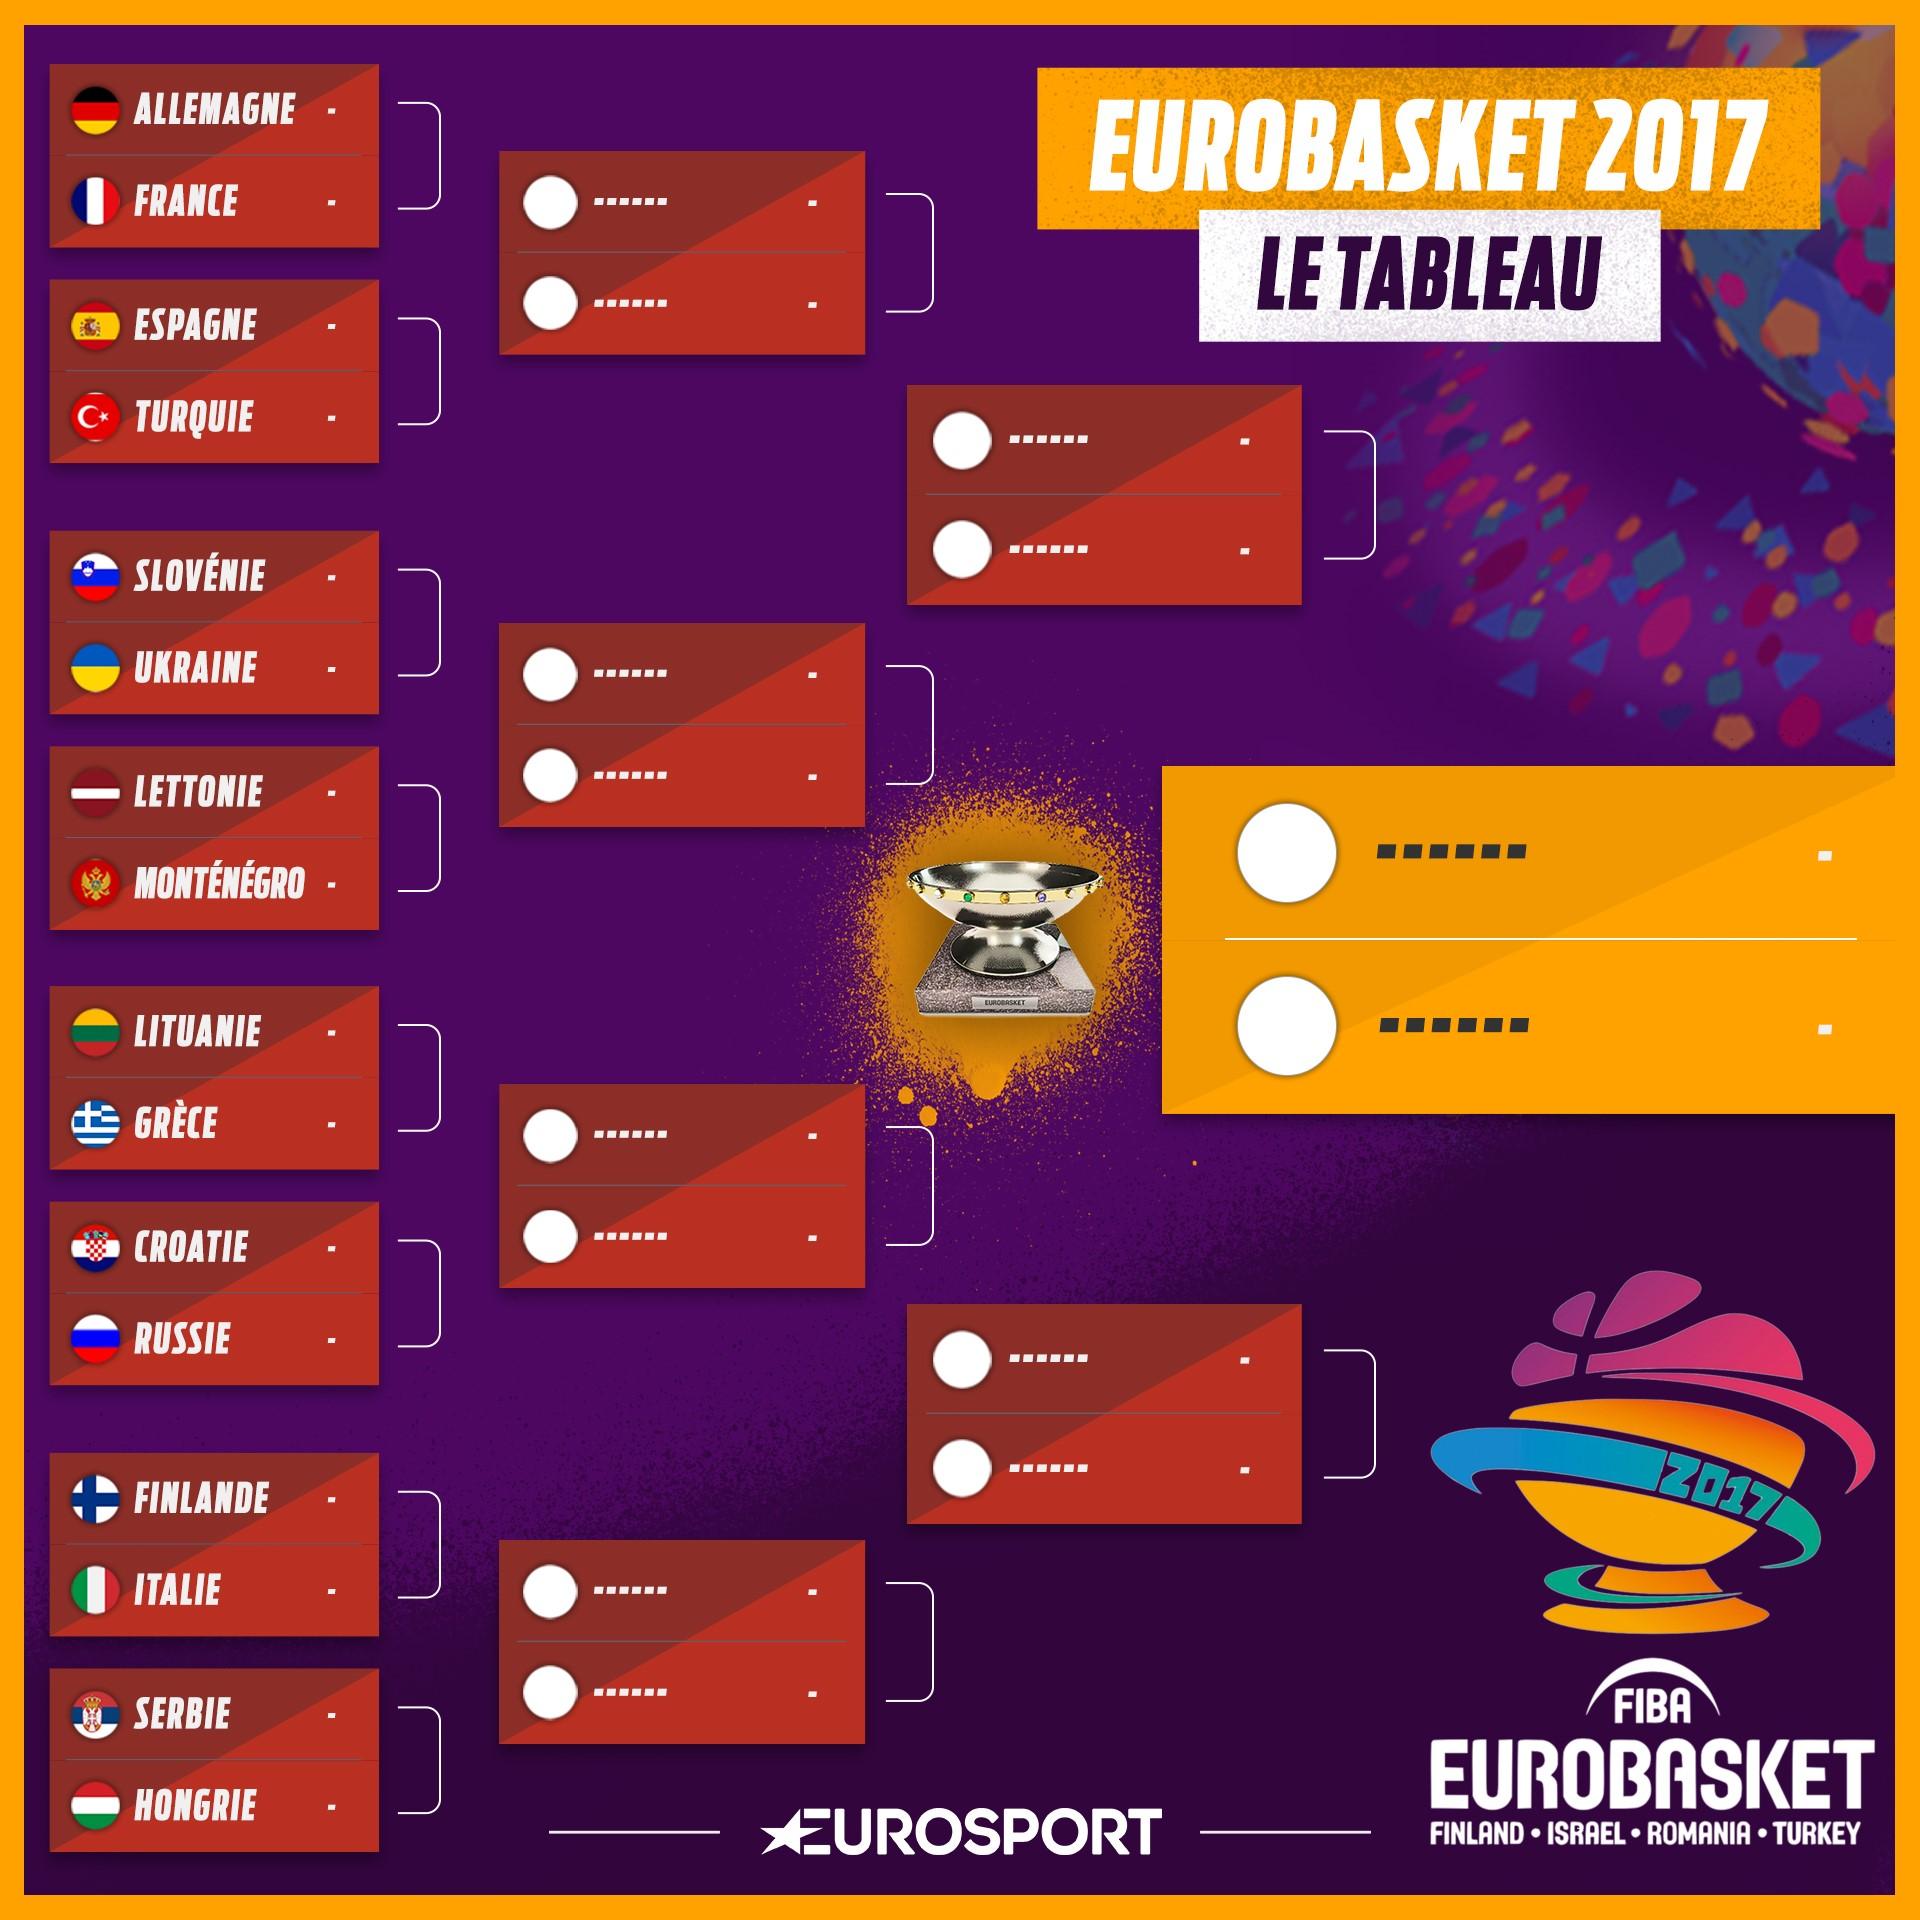 france allemagne espagne turquie voici le tableau de la phase finale de l 39 eurobasket 2017. Black Bedroom Furniture Sets. Home Design Ideas